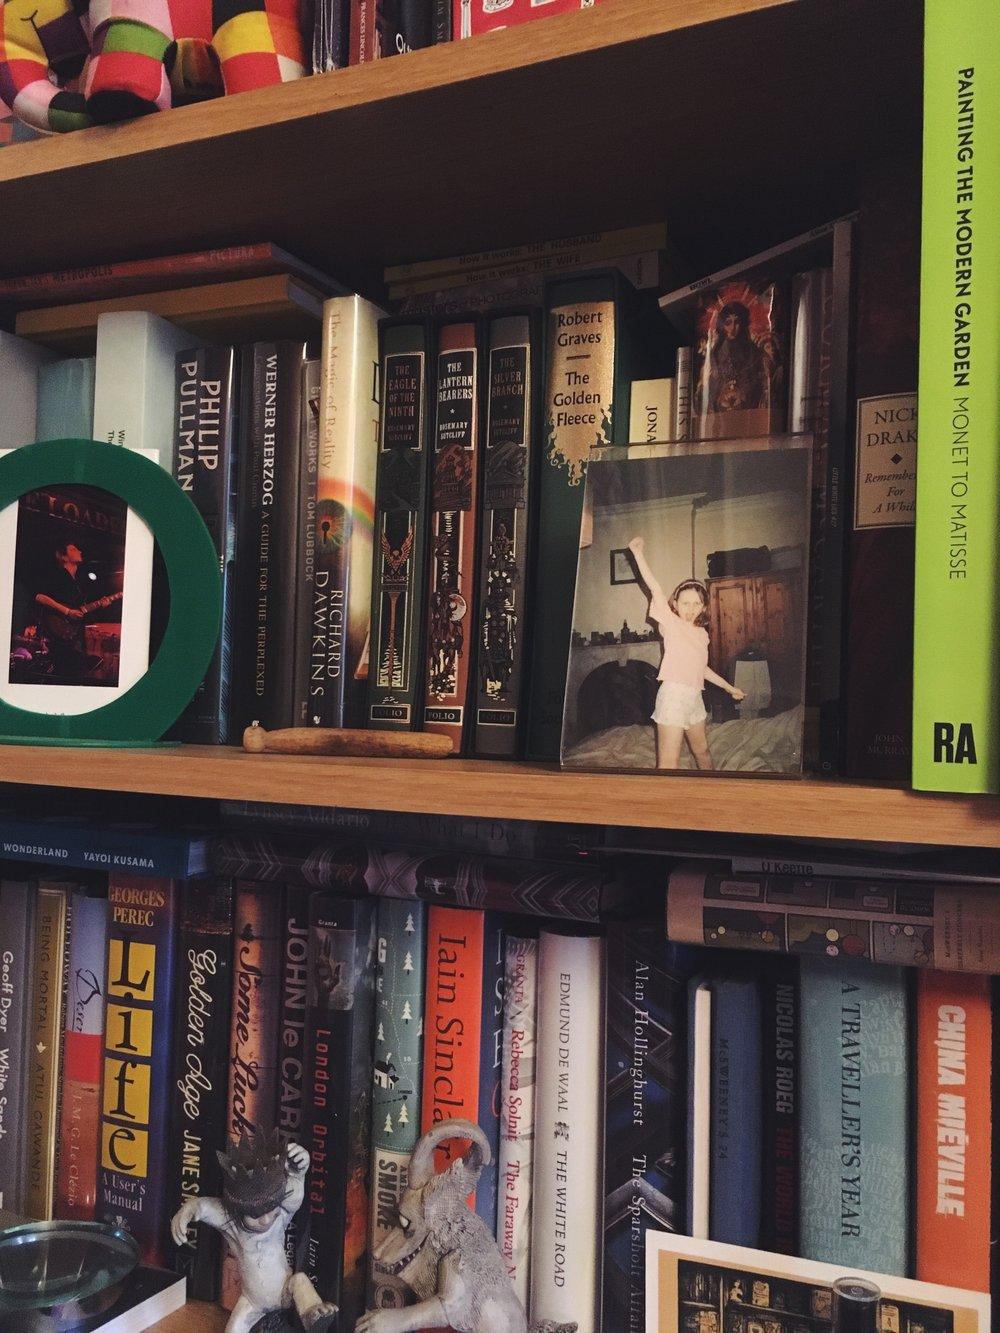 John Newman's bookshelves